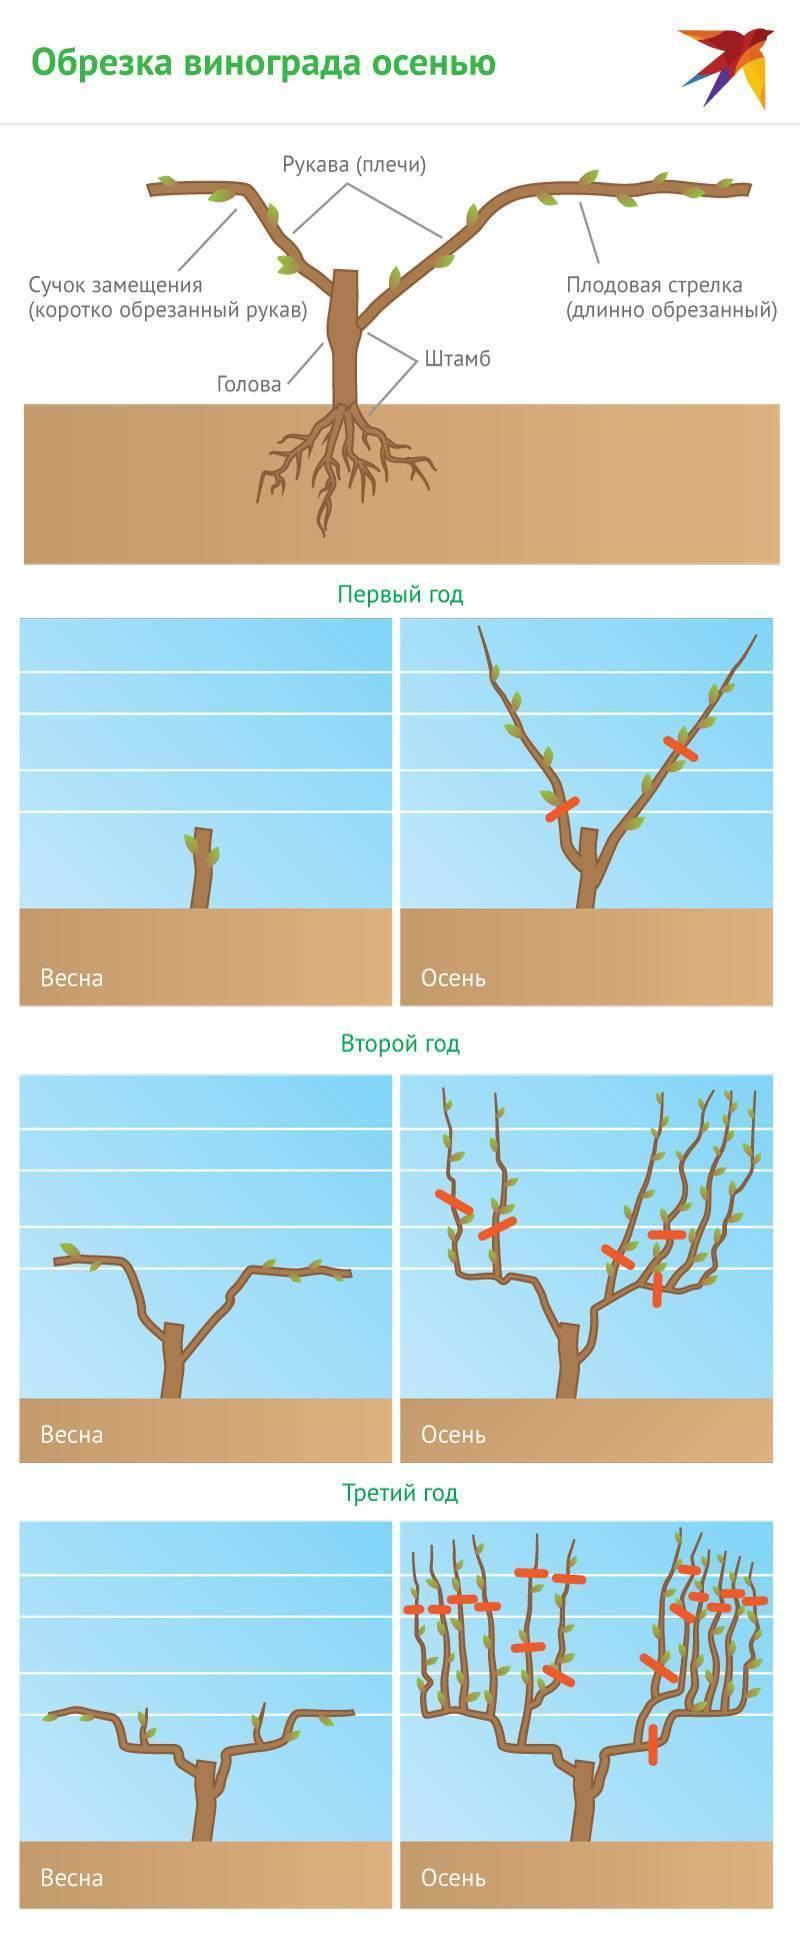 Длинная обрезка — обрезка и формирование кустов винограда